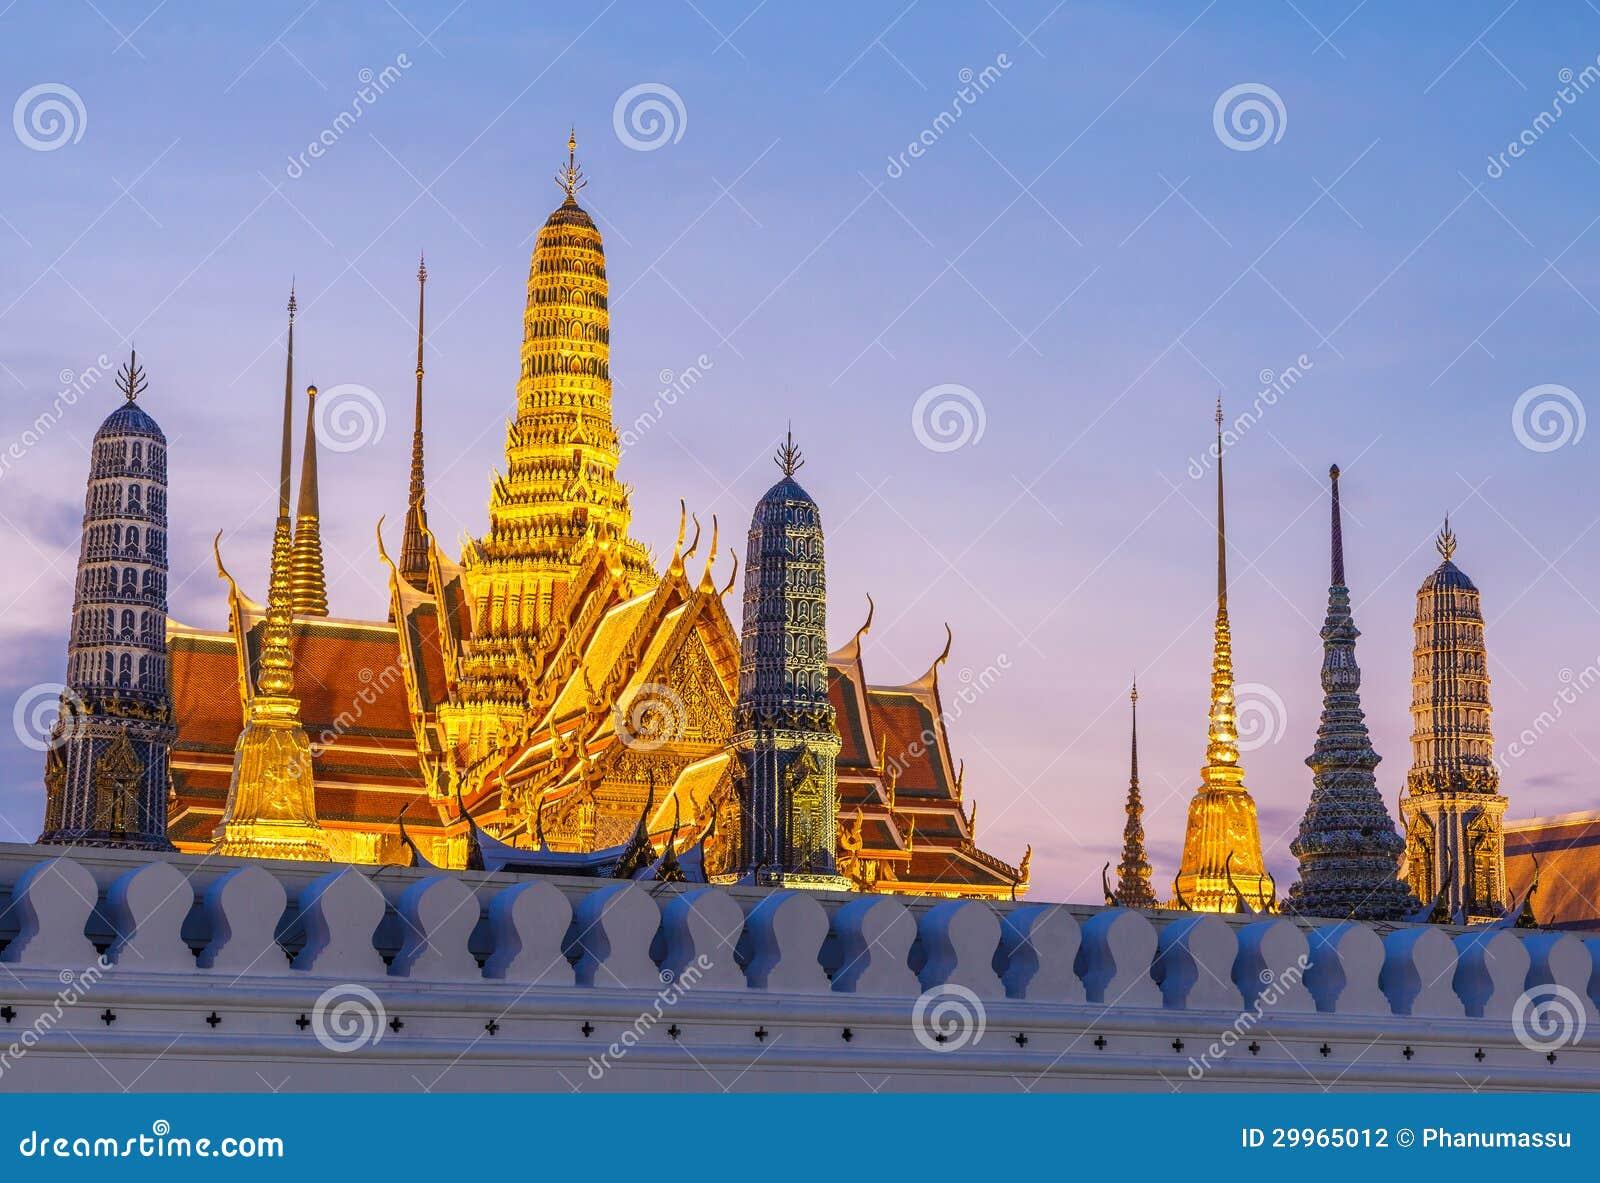 Wat Phra Kaew Stock Photography - Image: 29965012